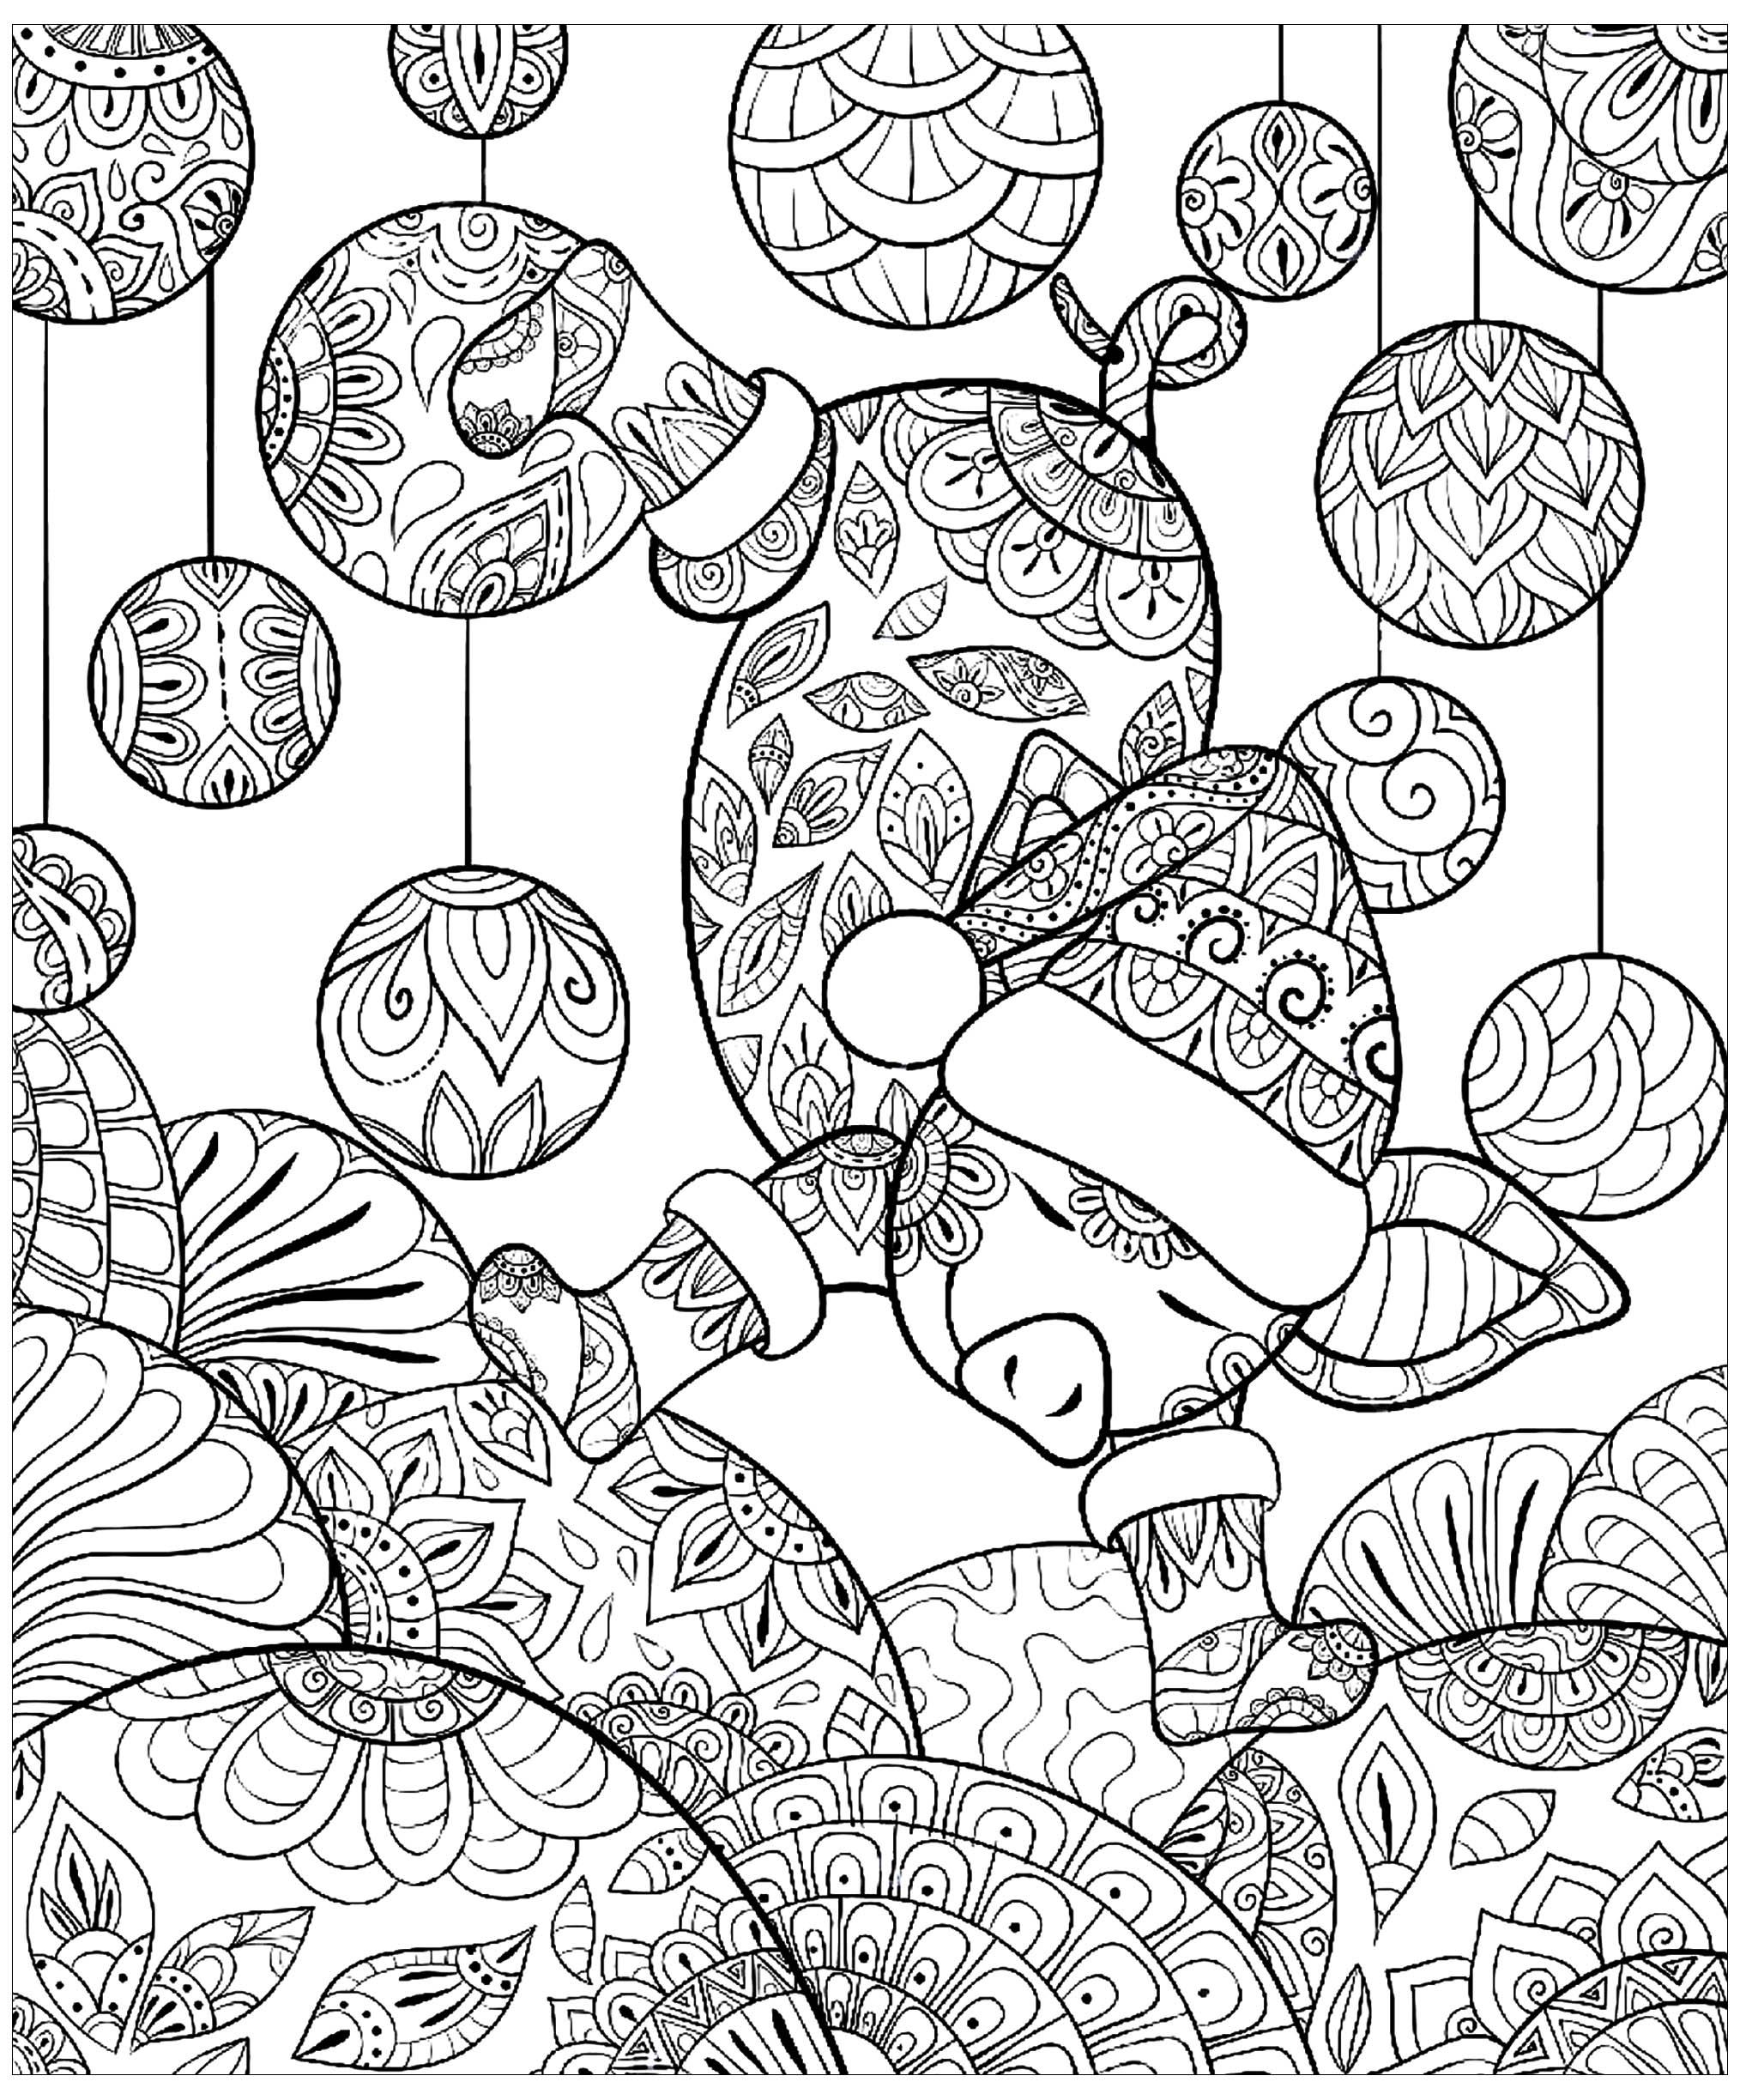 Disegni da colorare per adulti : Maiali - 3